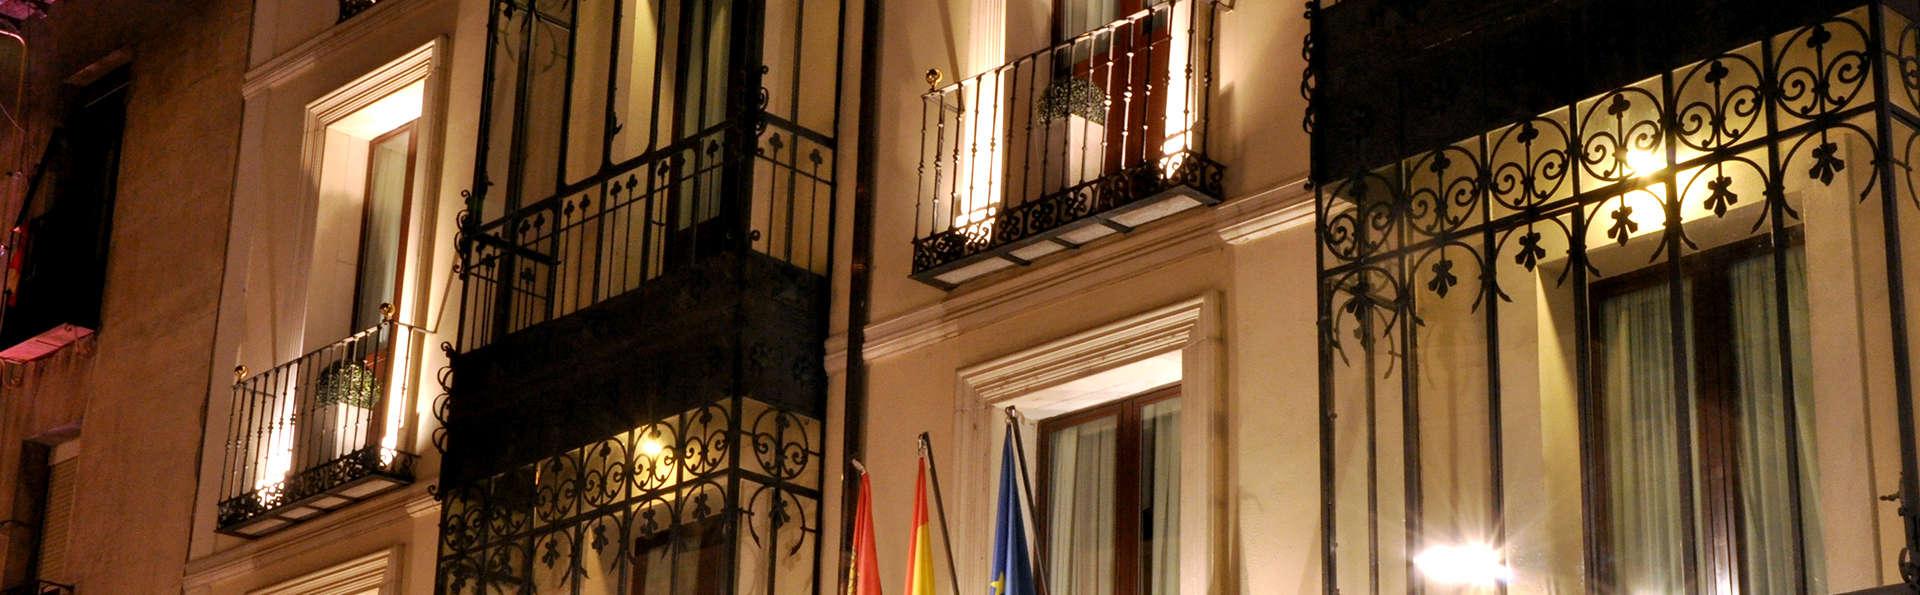 Hotel Rua Salamanca - Edit_Front2.jpg